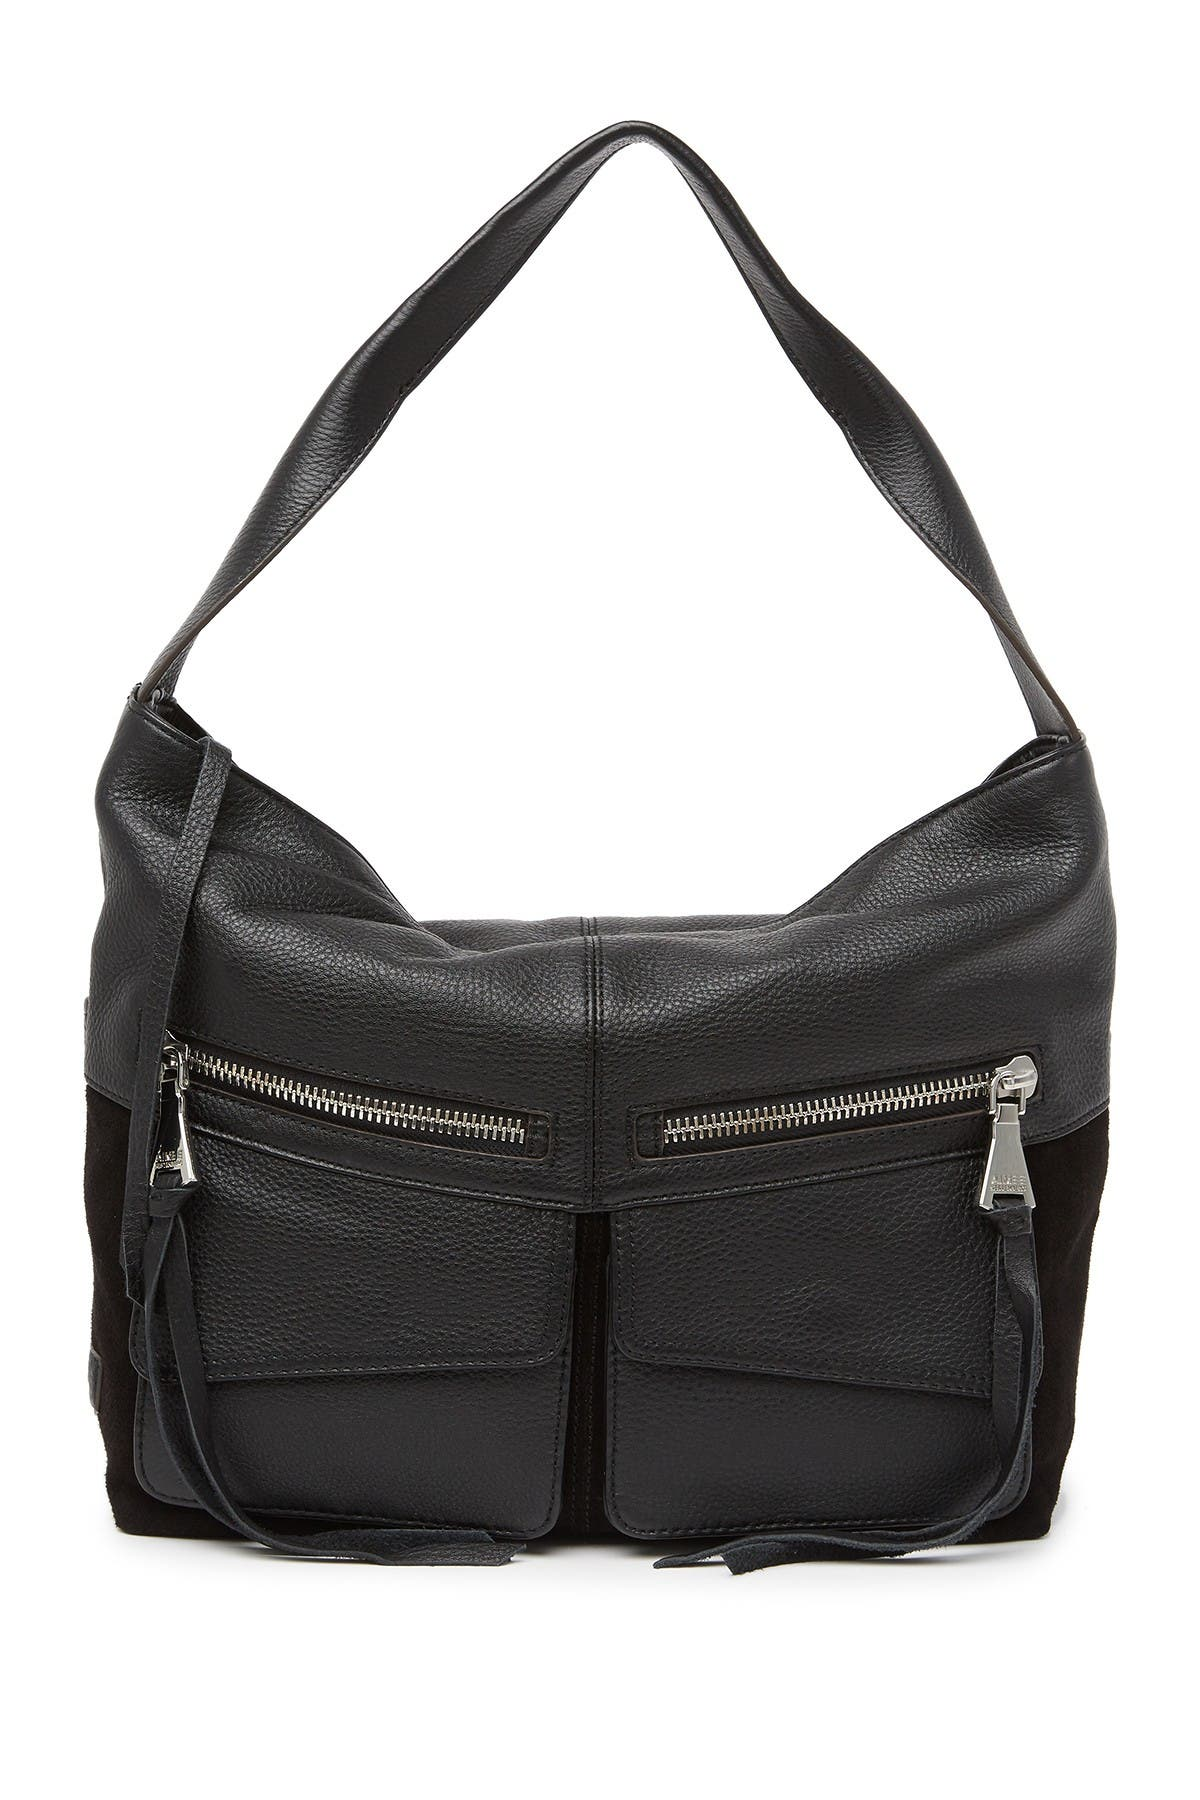 Image of Aimee Kestenberg Road Trip Leather Hobo Bag